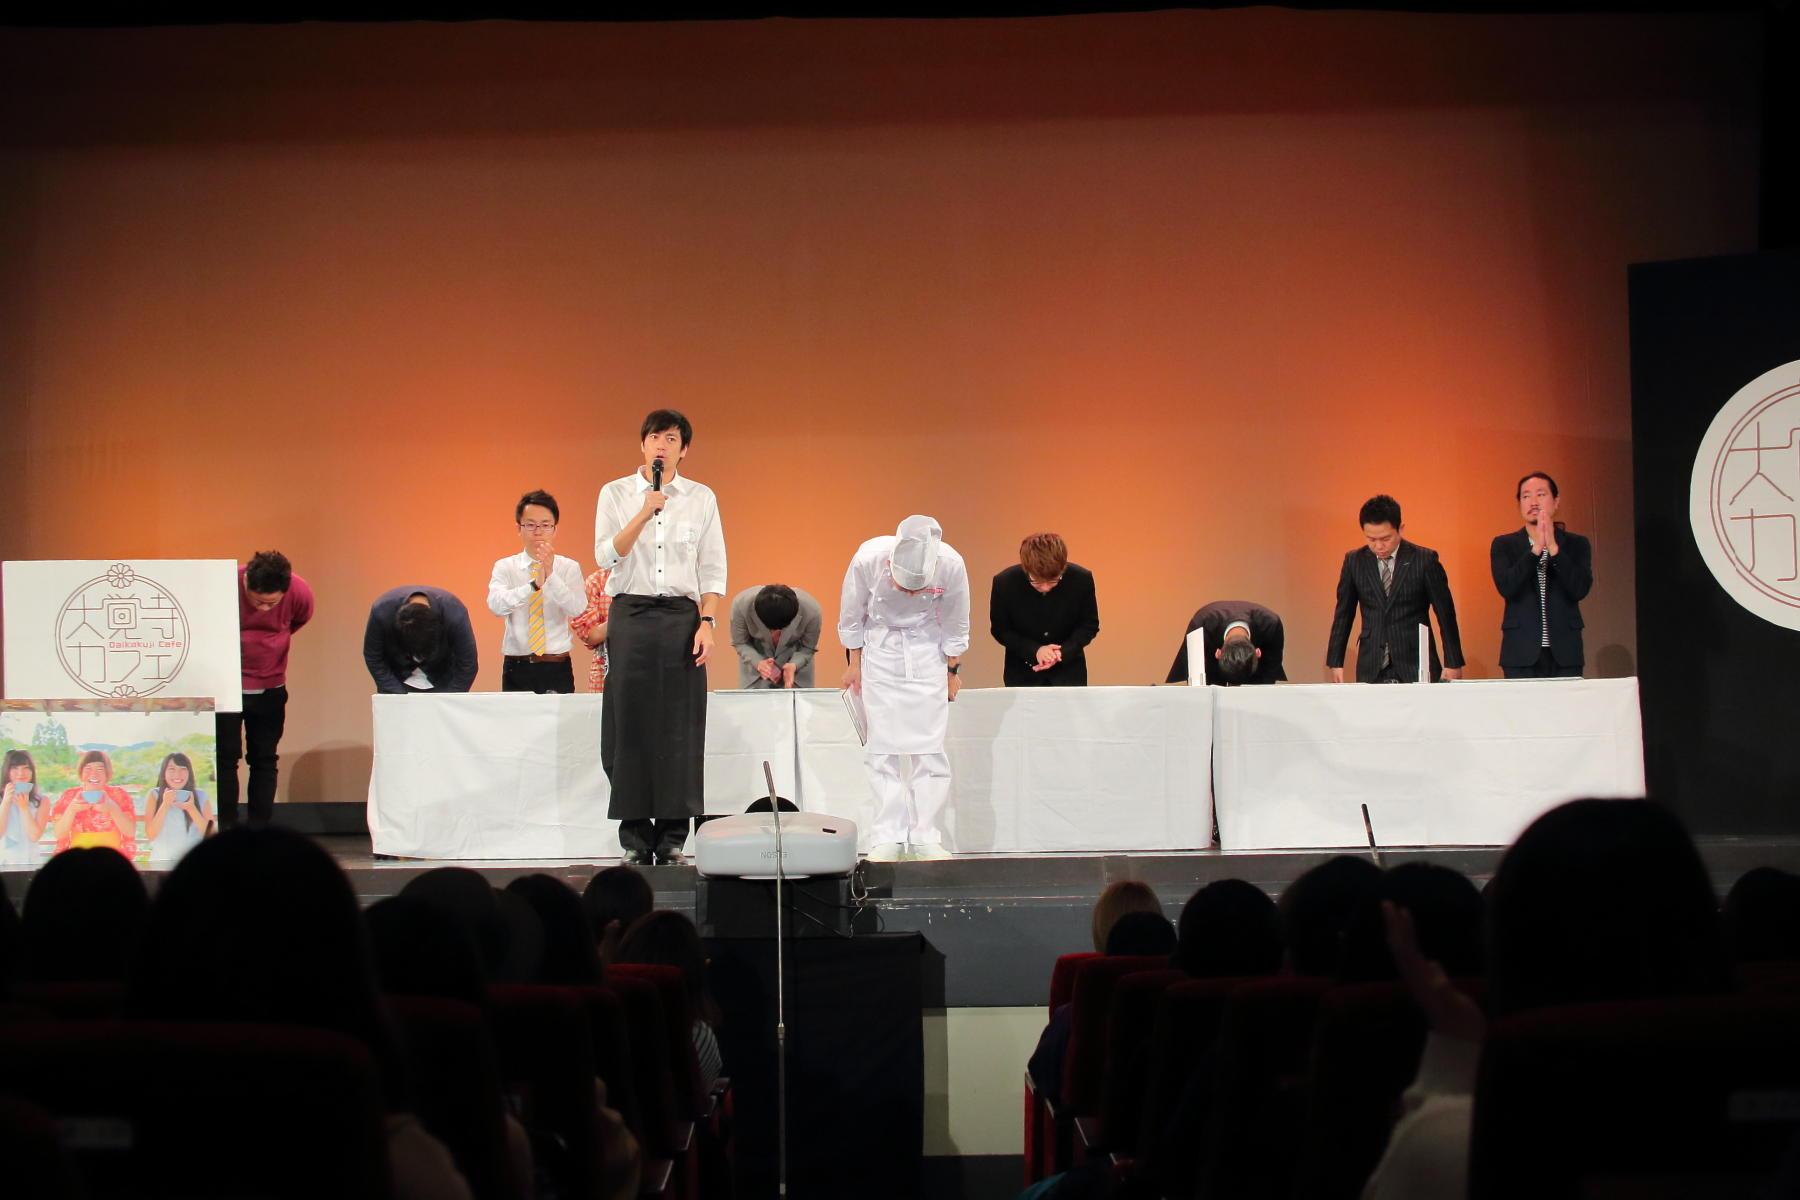 http://news.yoshimoto.co.jp/20170316064513-f7a7a5d767ead801b7a5d05fbb03366db967c10d.jpg